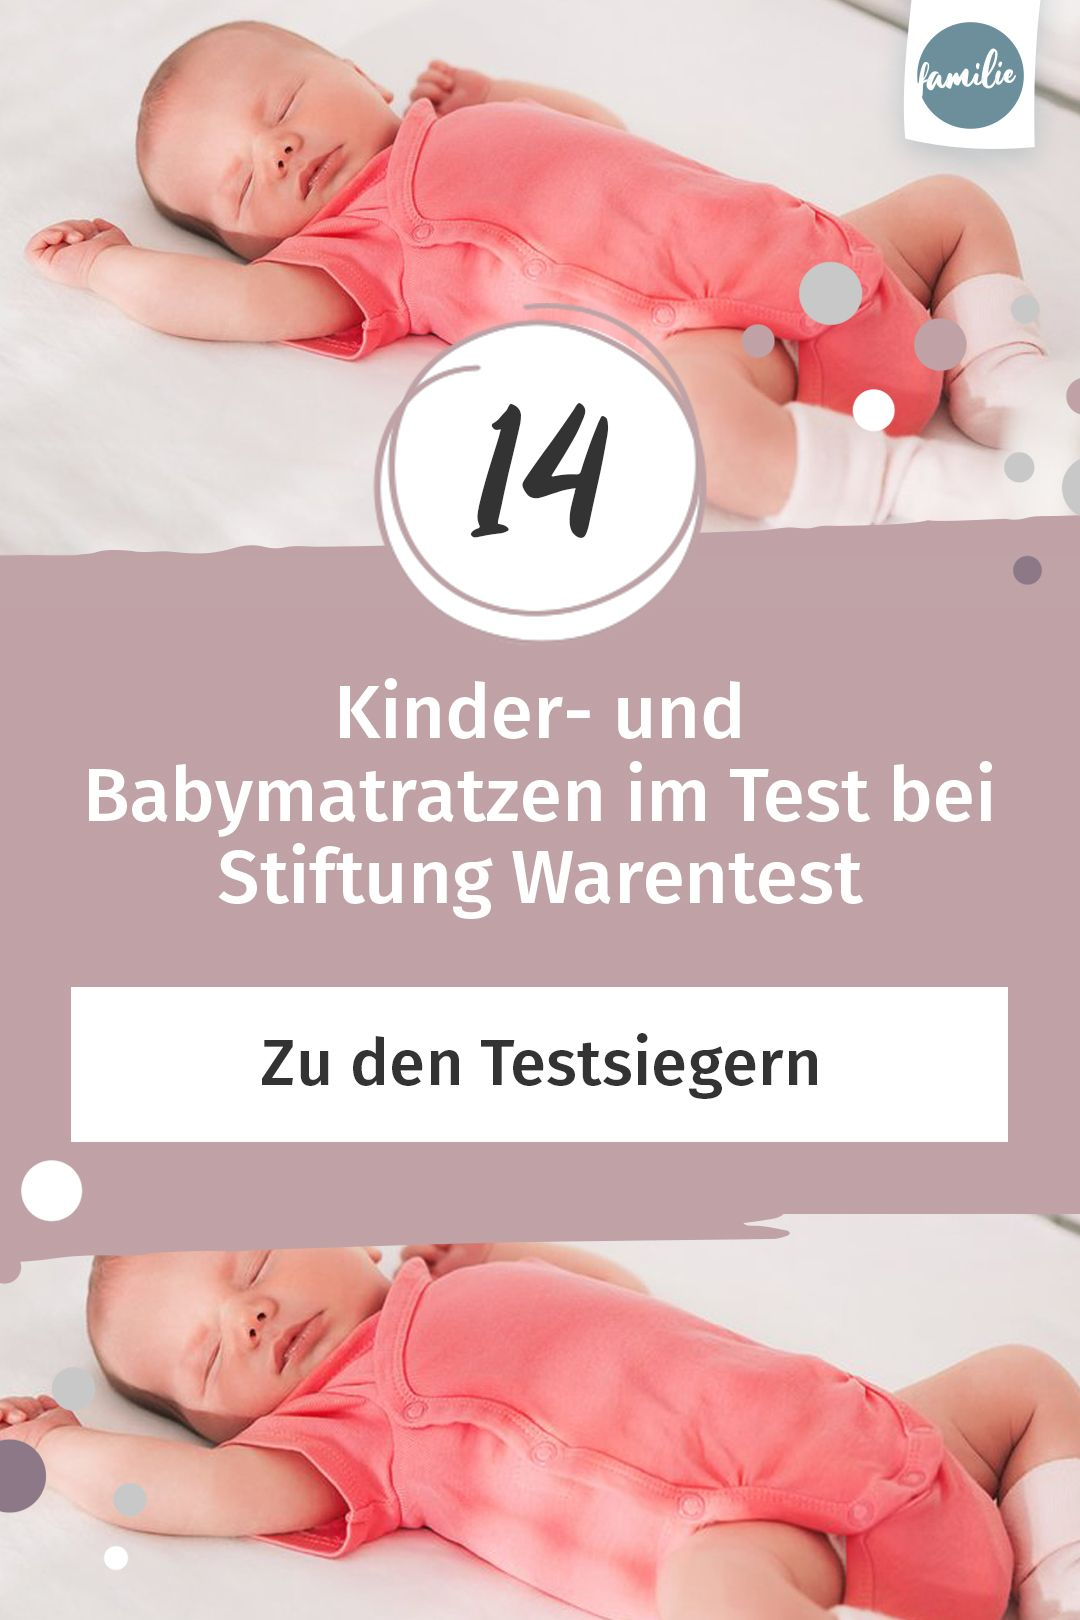 13 Einzigartig Bilder Von Babymatratze Stiftung Warentest 2017